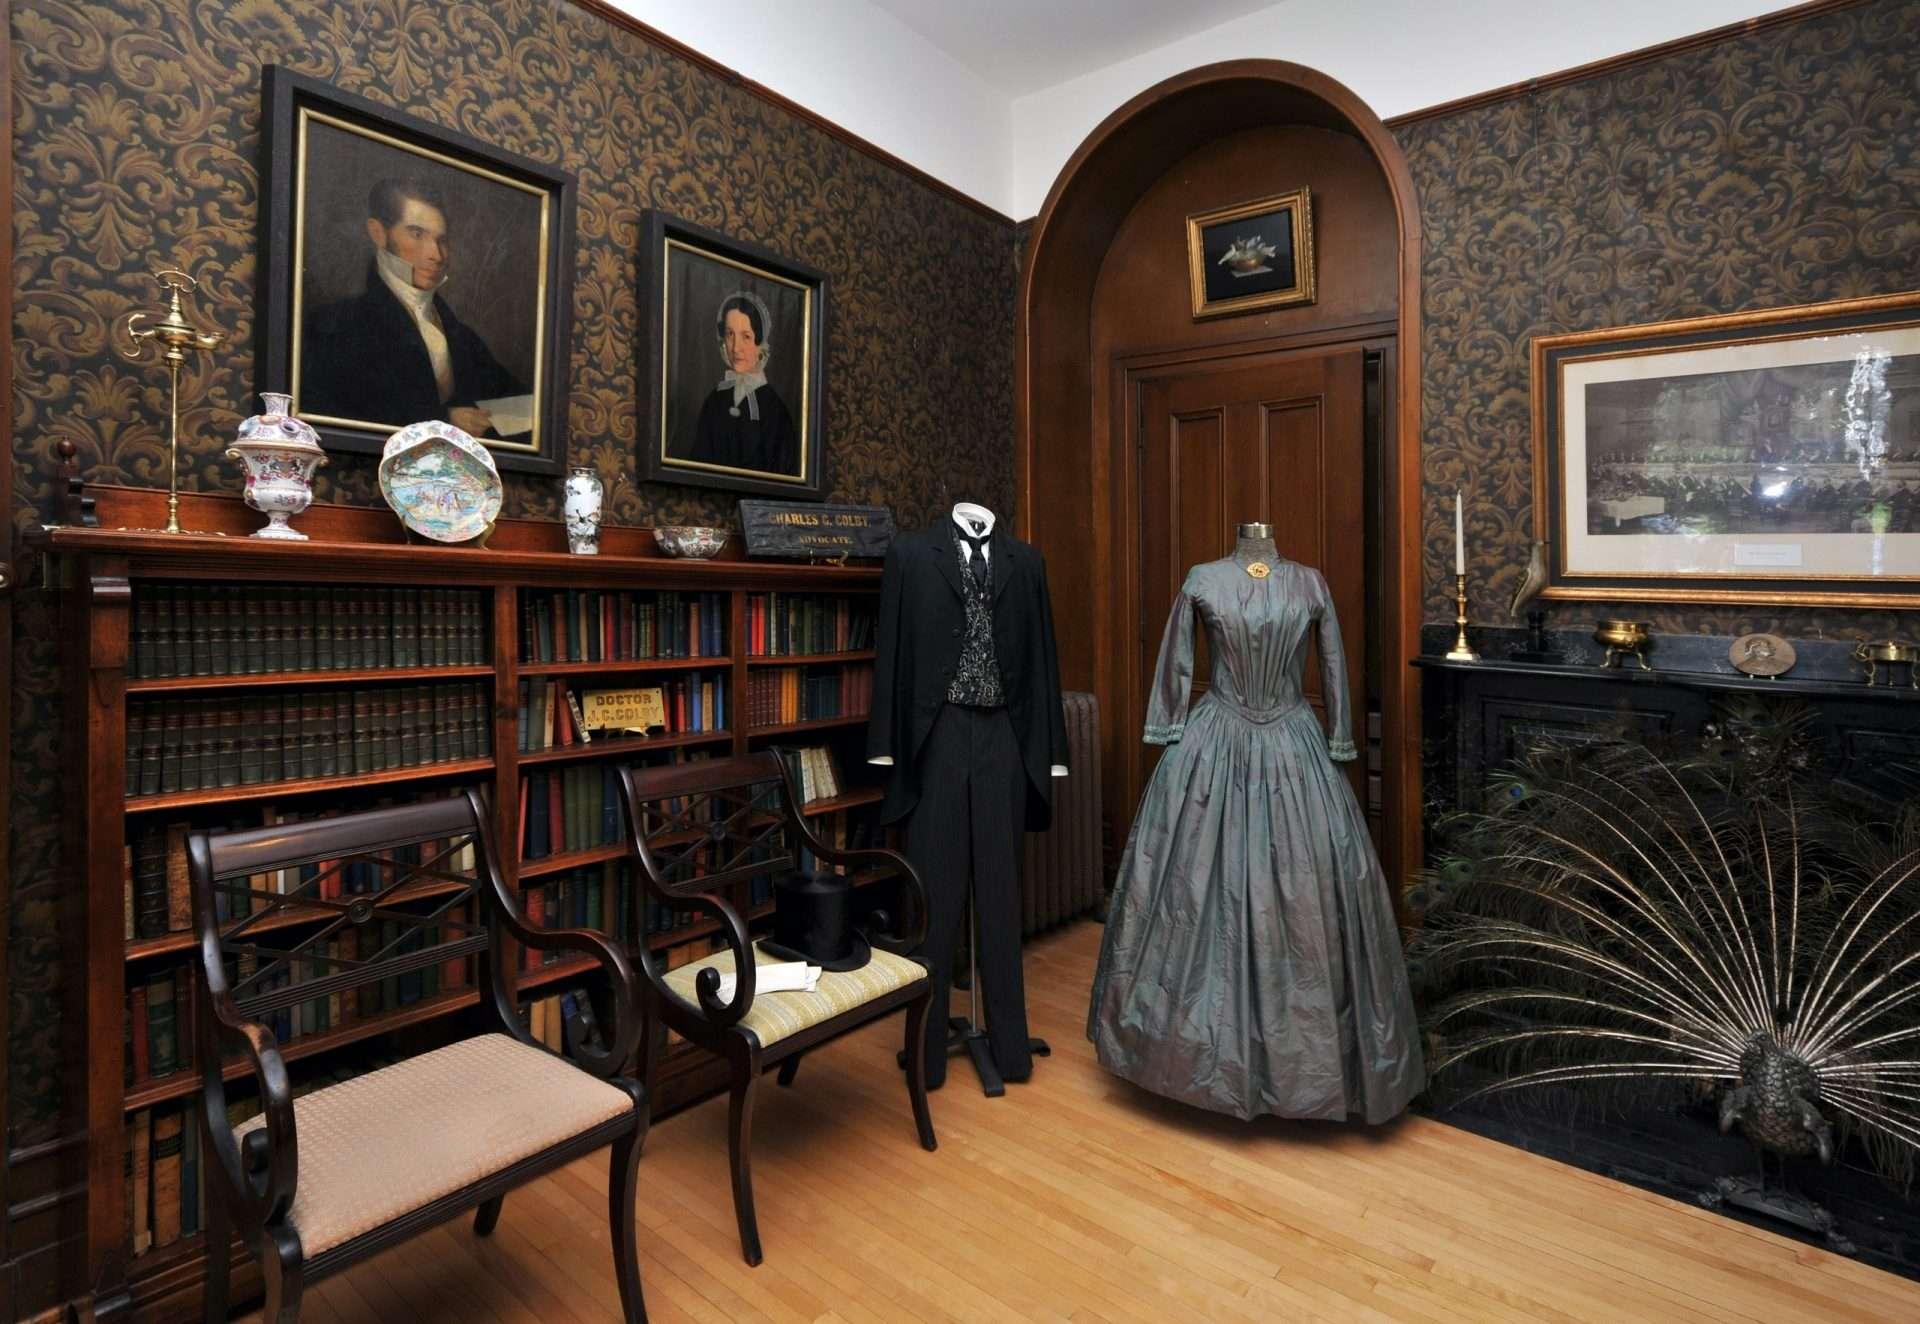 Musée Colby-Curtis / Société historique de Stanstead - Stanstead